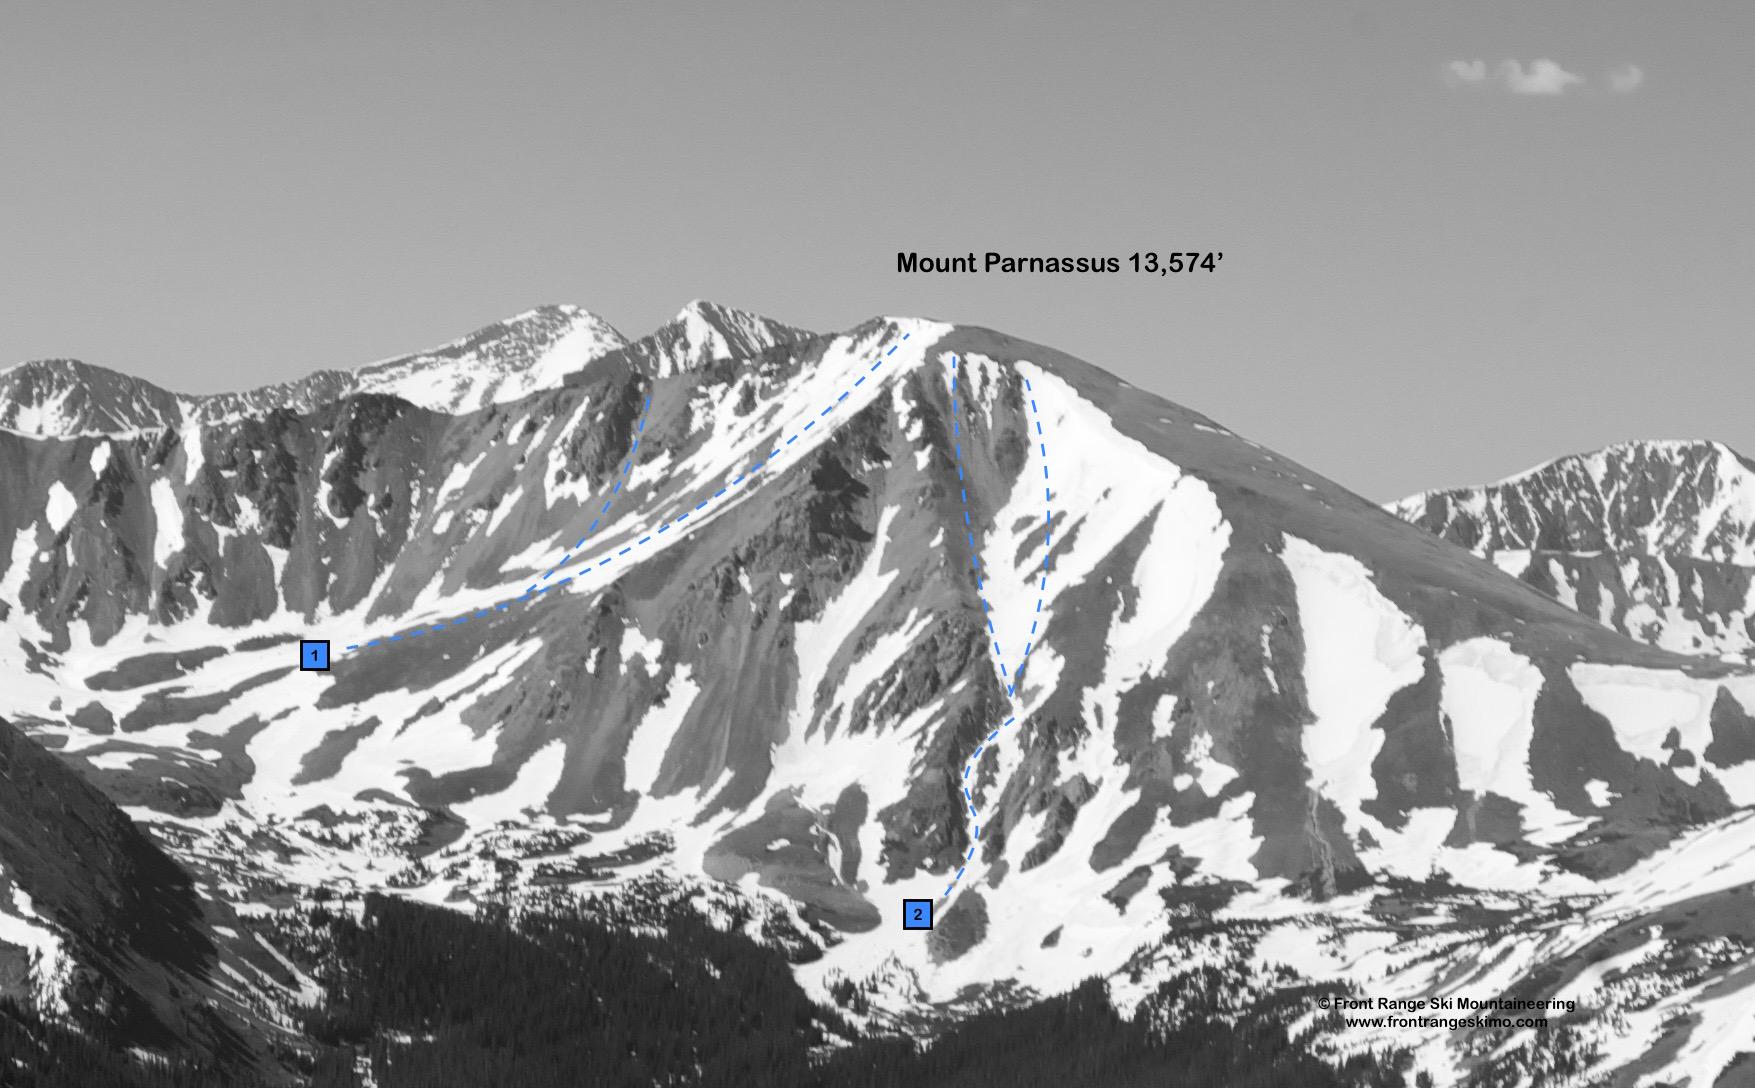 Mount Parnassus North Face